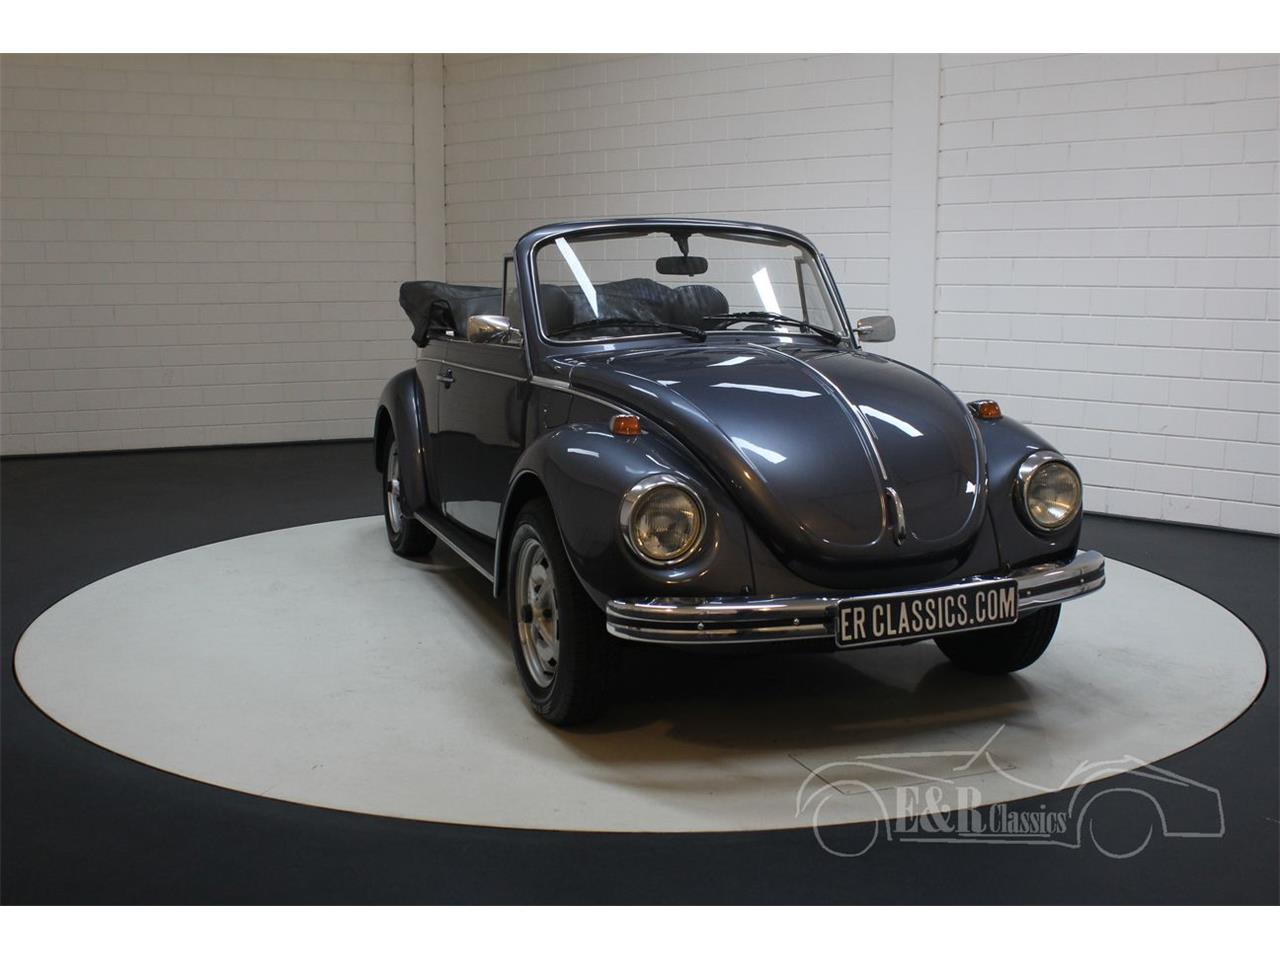 Large Picture of 1974 Volkswagen Beetle located in Waalwijk Noord-Brabant - QC3W